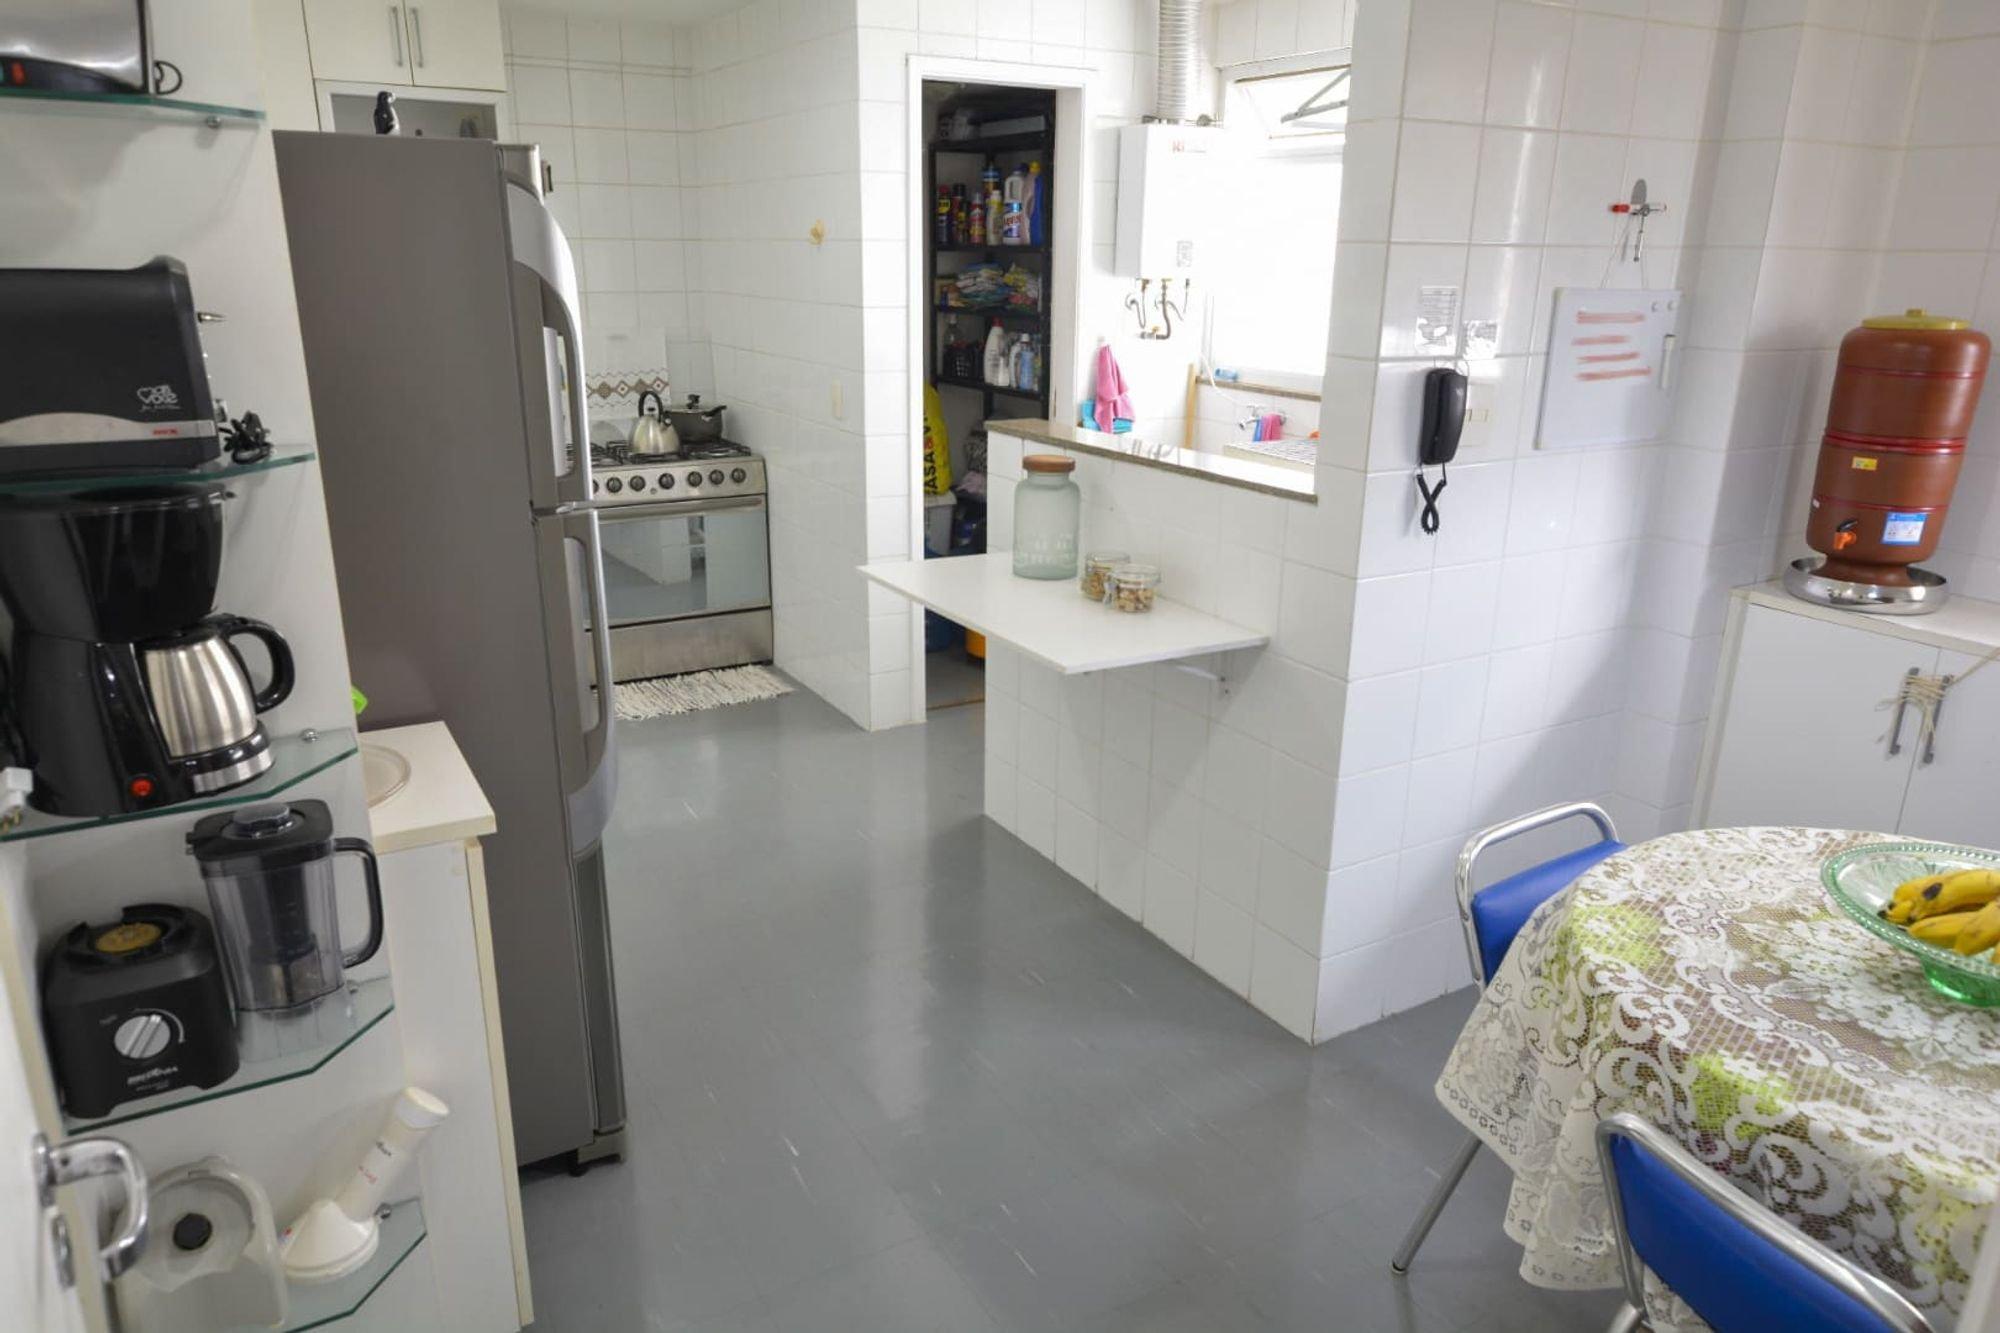 Foto de Cozinha com forno, tigela, geladeira, cadeira, mesa de jantar